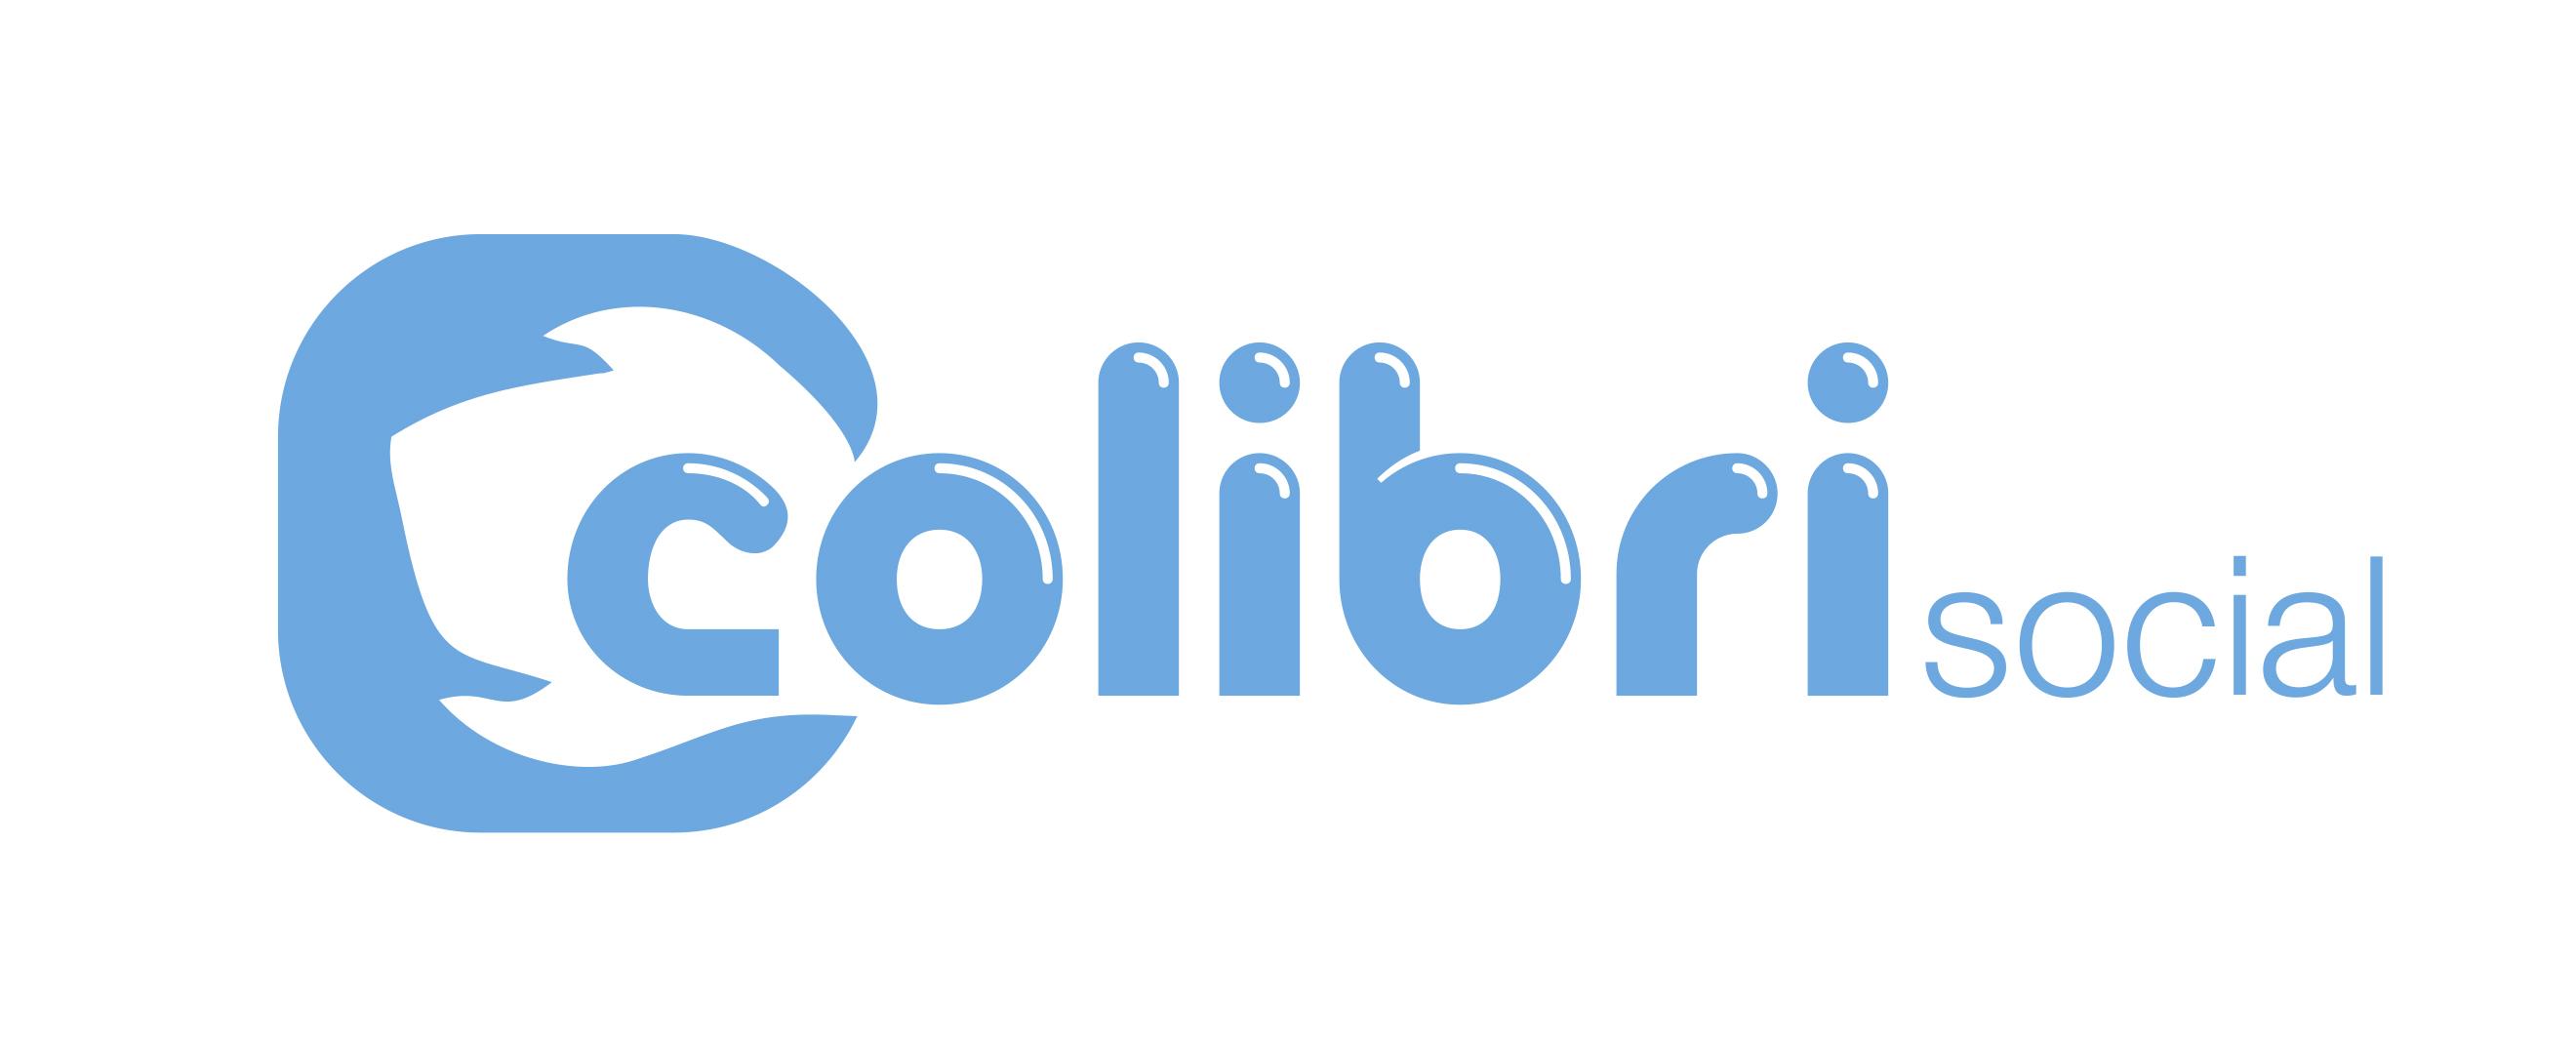 Дизайнер, разработка логотипа компании фото f_1265580cd9f41069.jpg